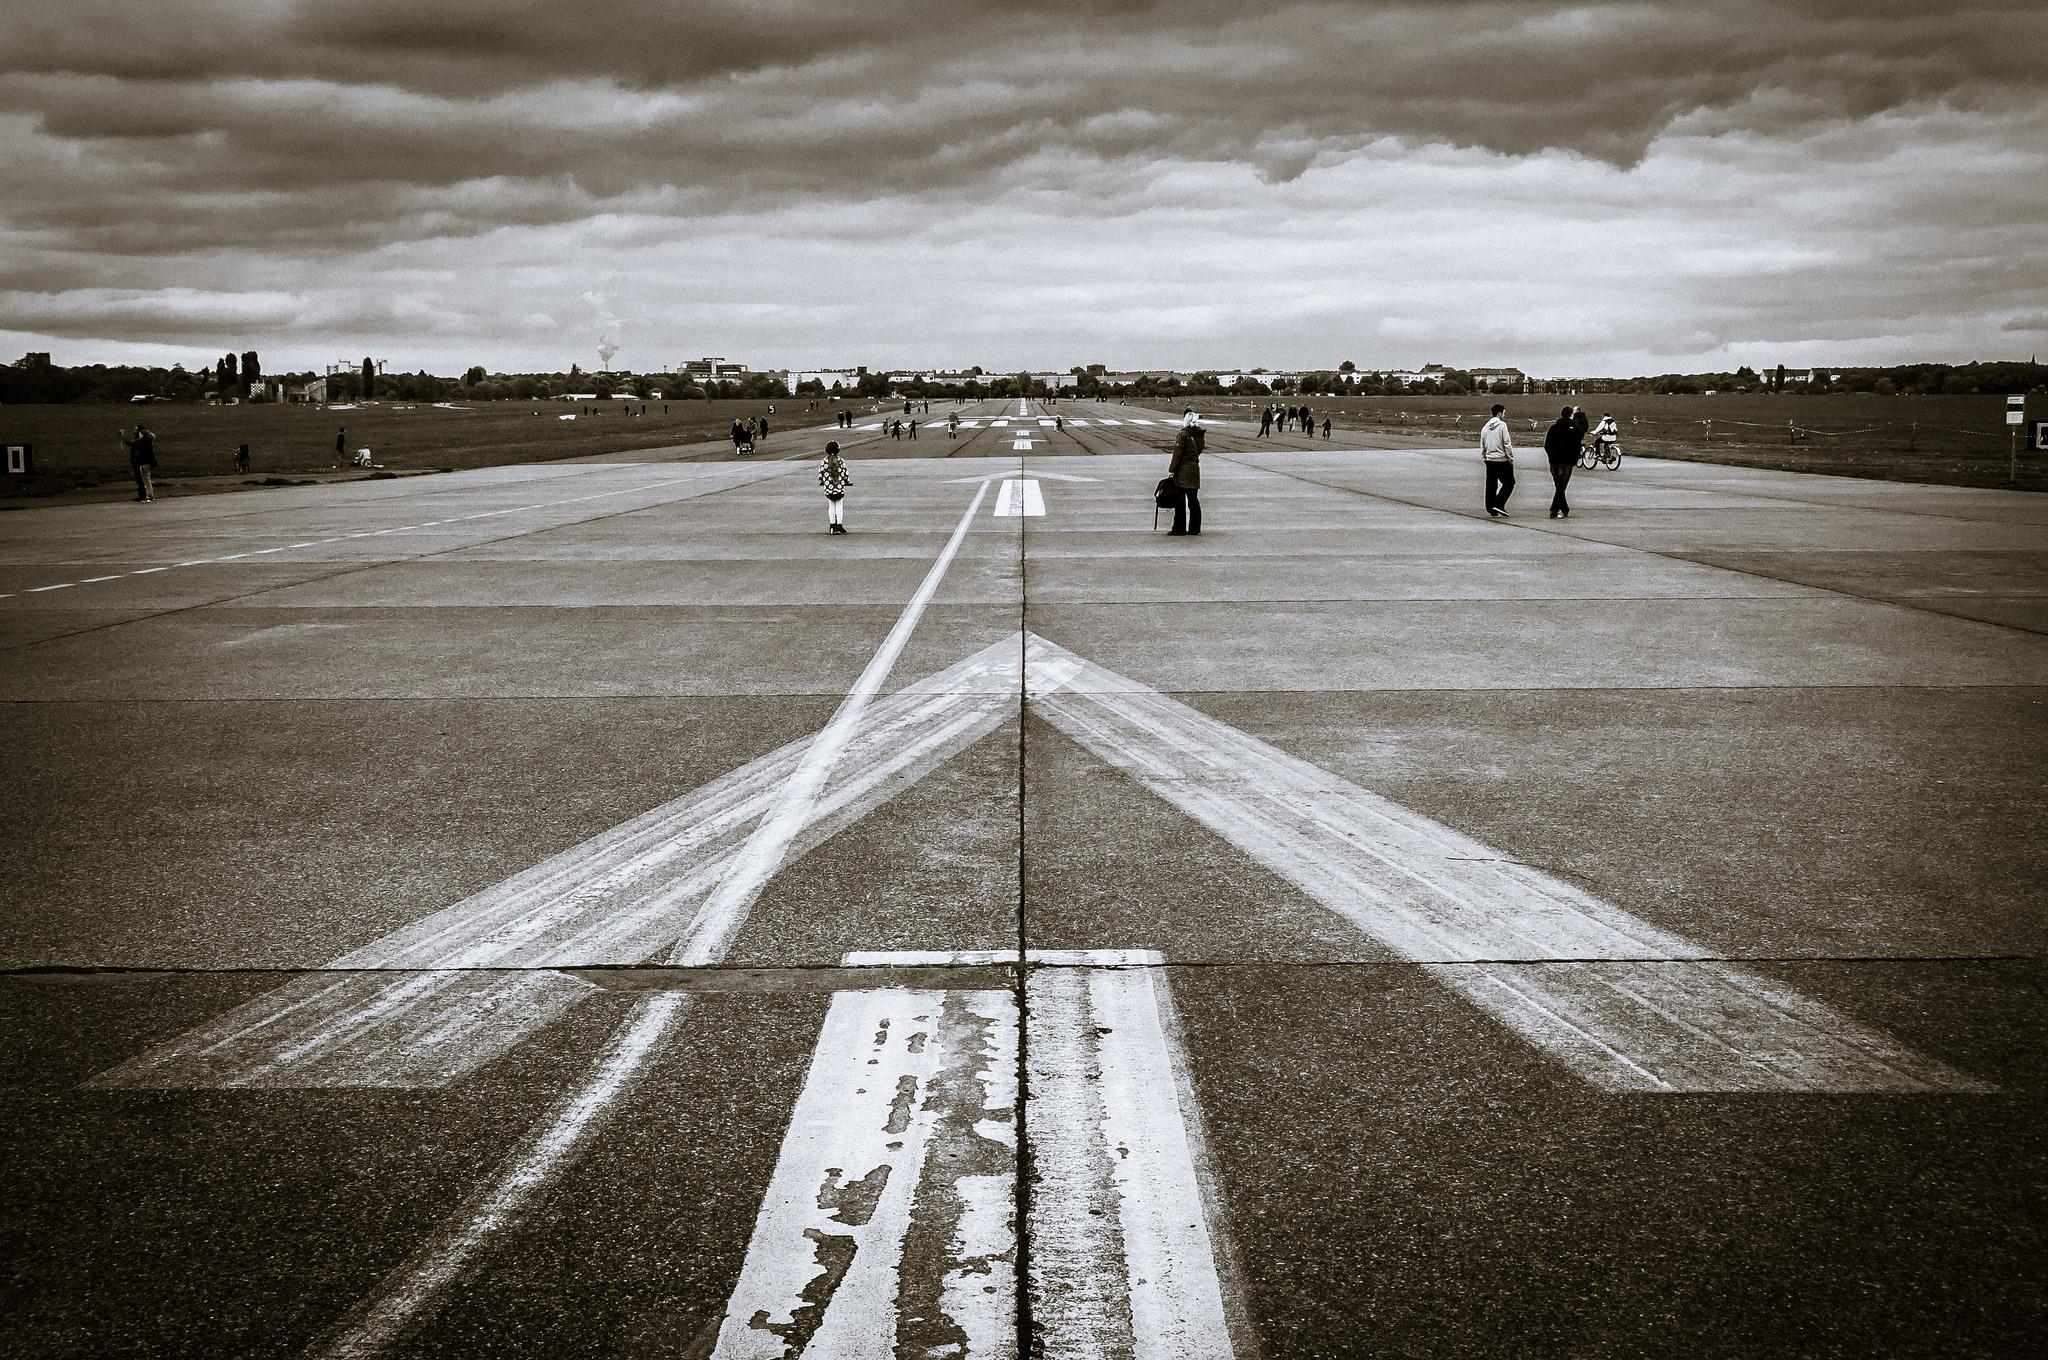 Взлетно-посадочная полоса закрыта [(cc) Thomas Hassel]